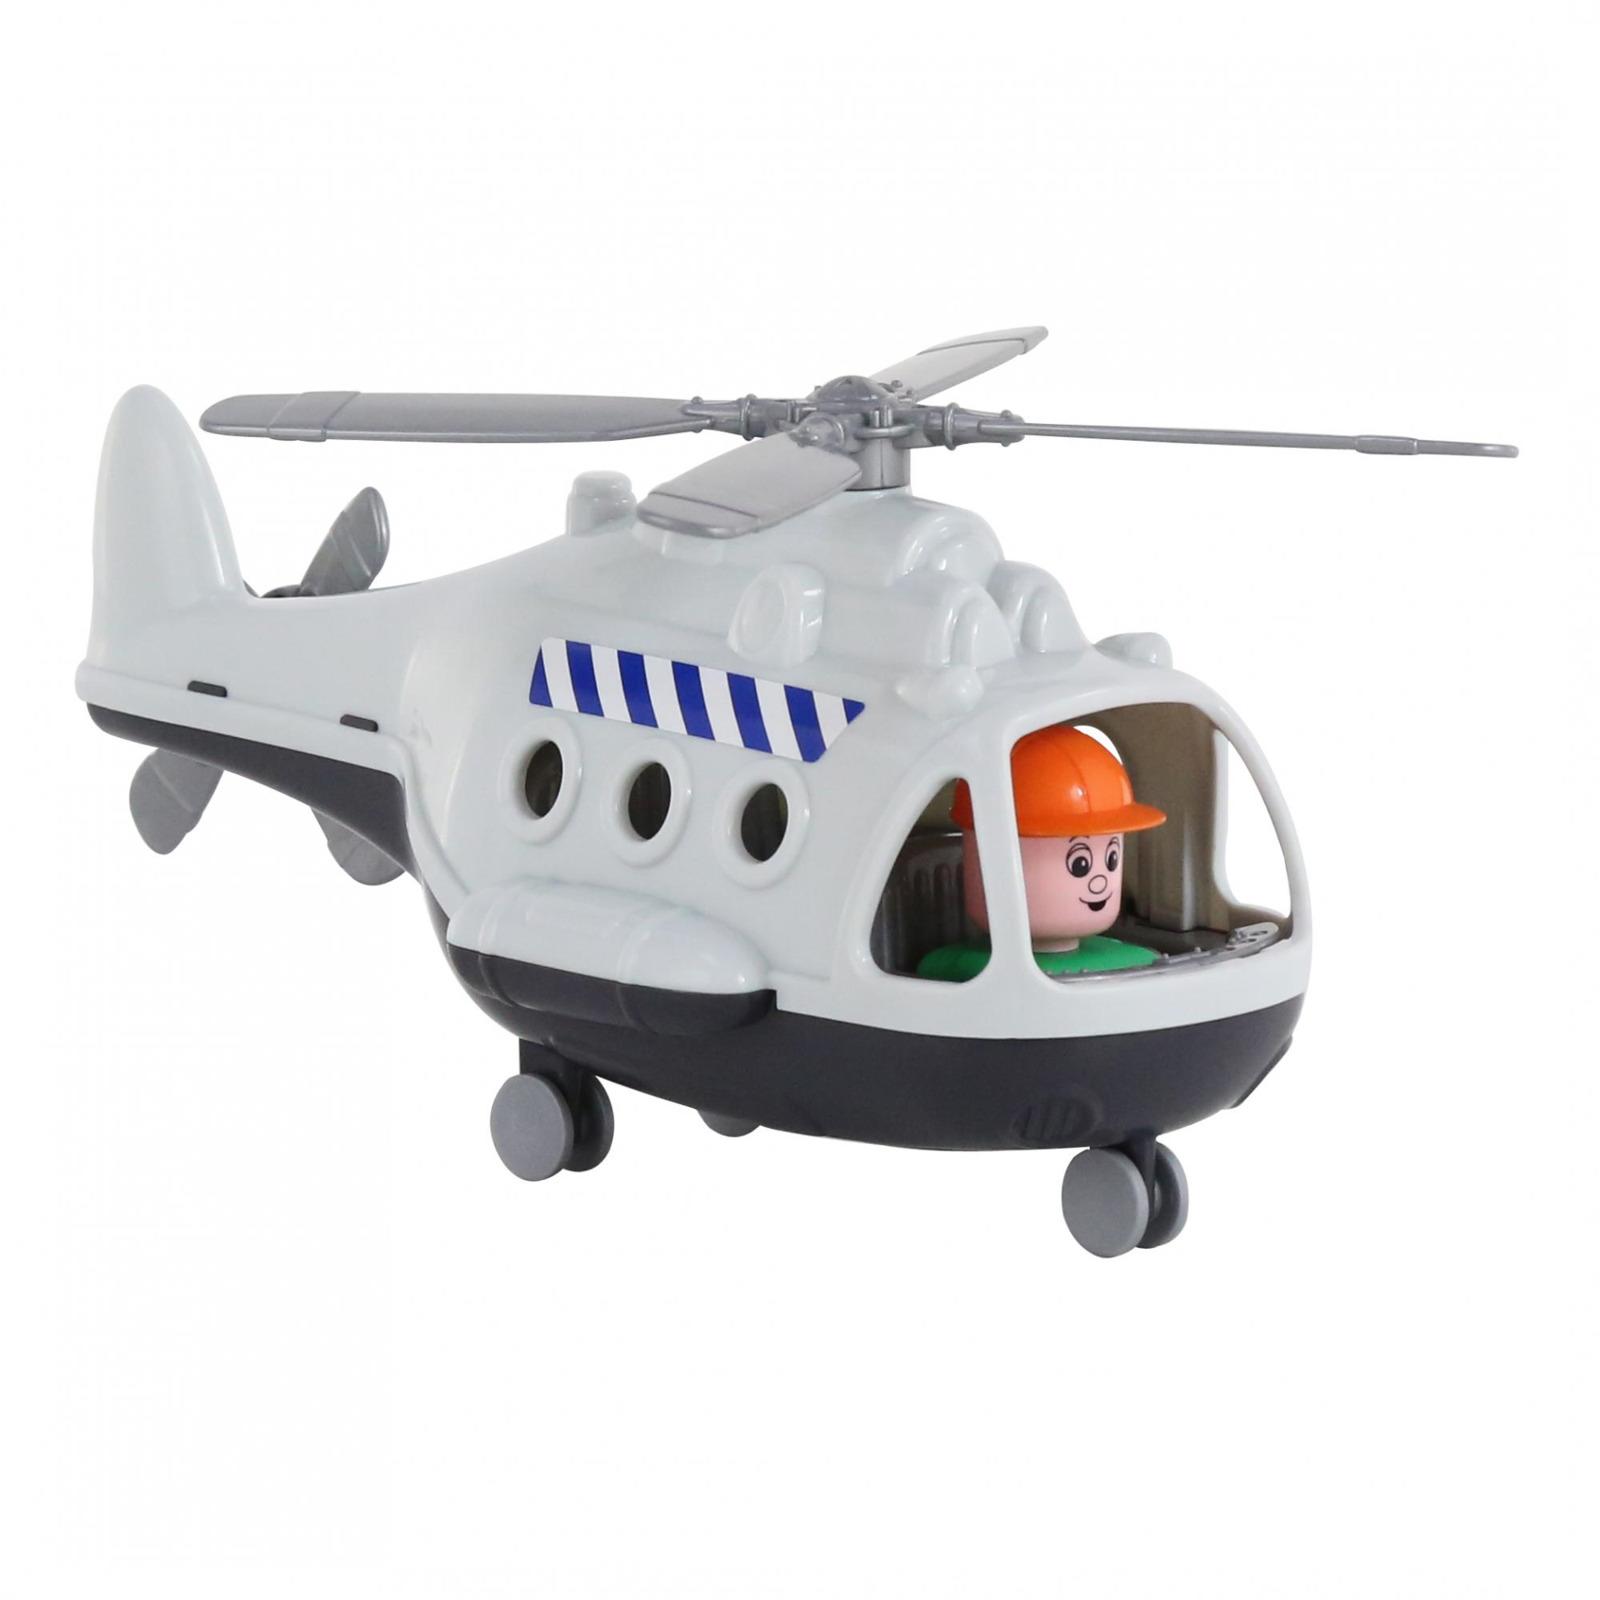 Вертолет грузовой Полесье Альфа. 68828, цвет в ассортименте игрушка полесье альфа 68729